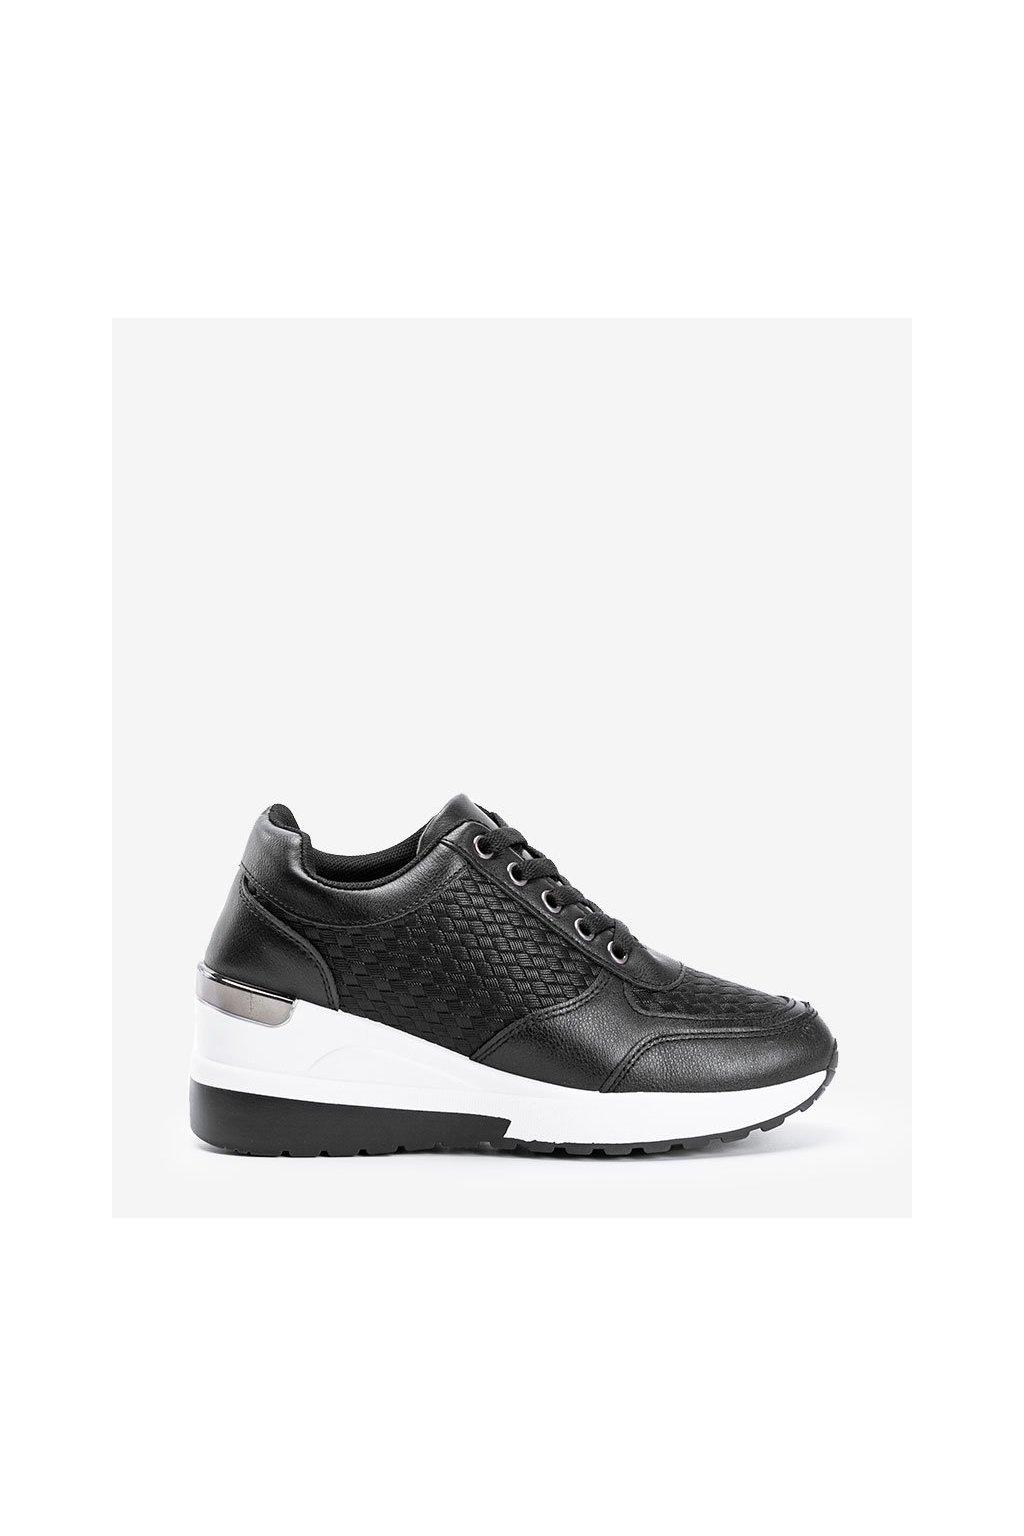 Dámske topánky tenisky čierne kód TF-2252 - GM